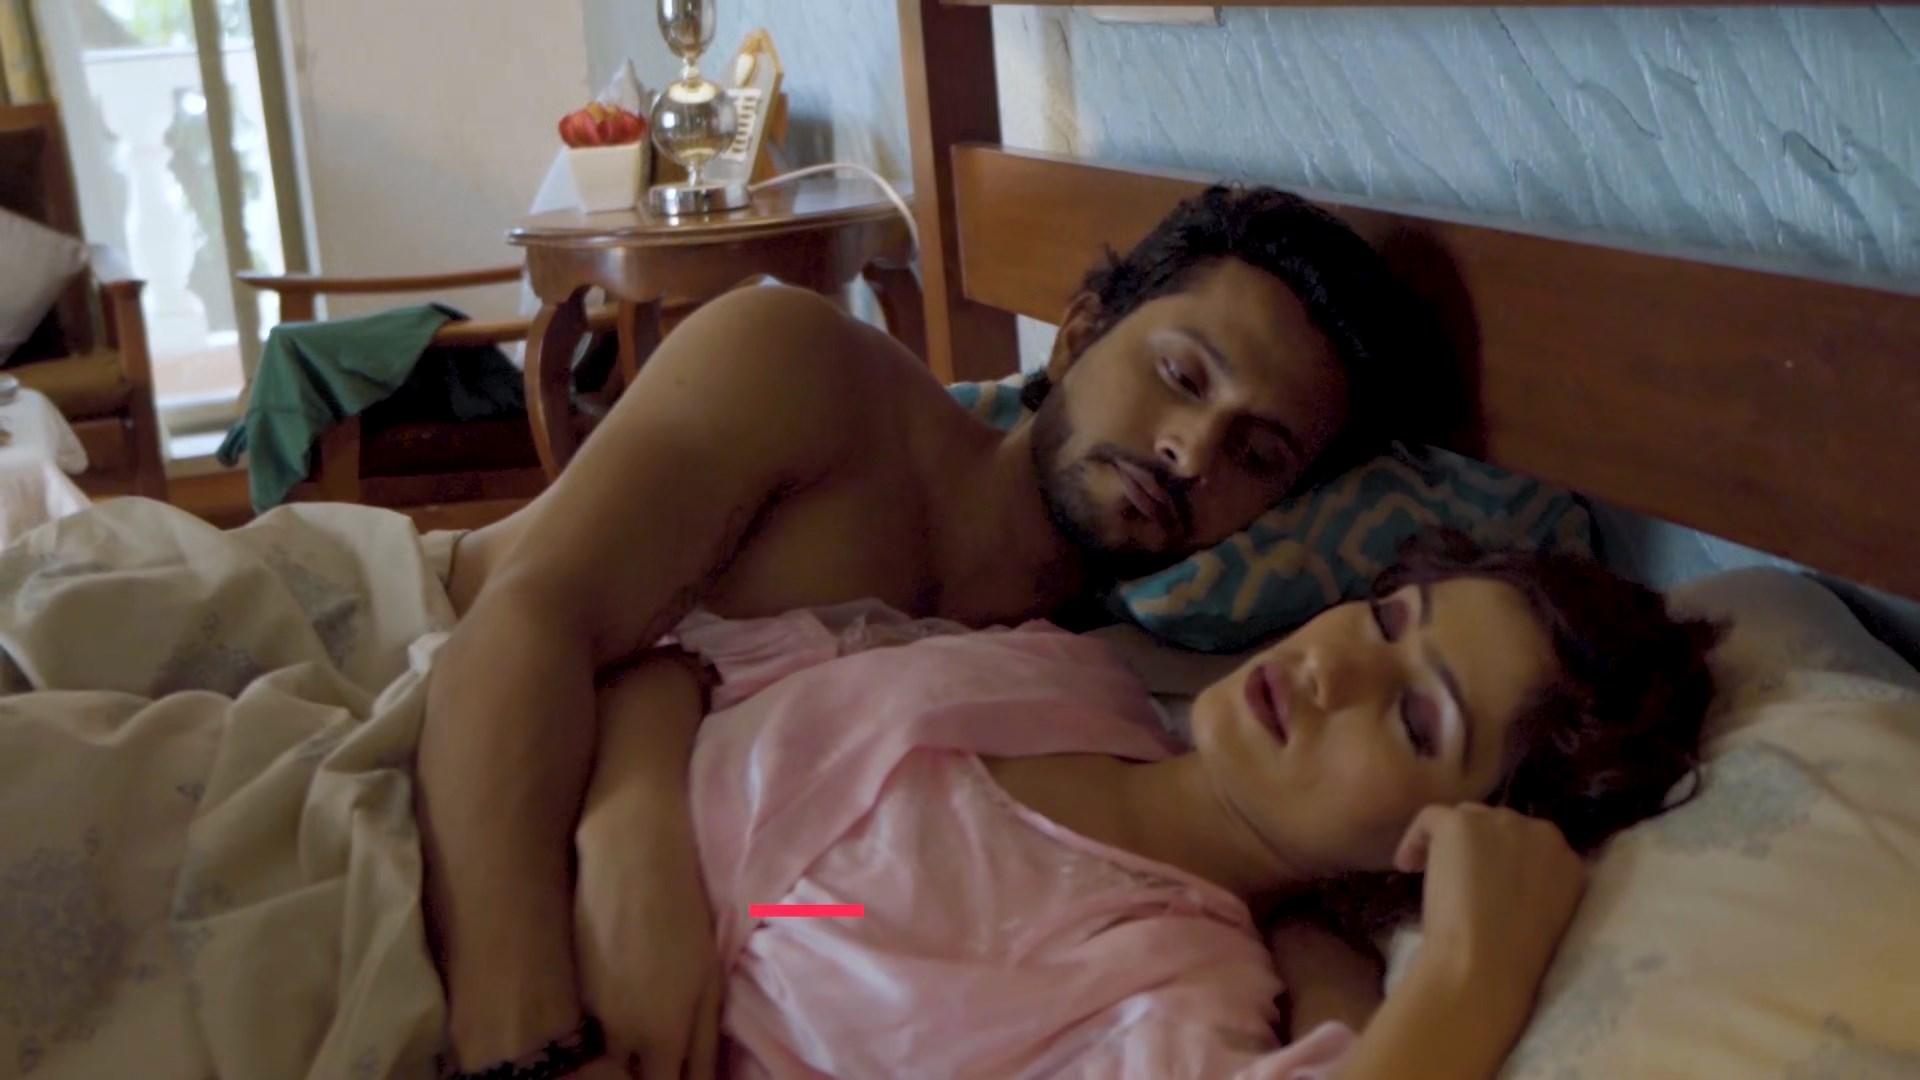 FFSTHT 1 - 18+Faasla (2020) HotShots Originals Hindi Short Film 720p HDRip 160MB x264 AAC